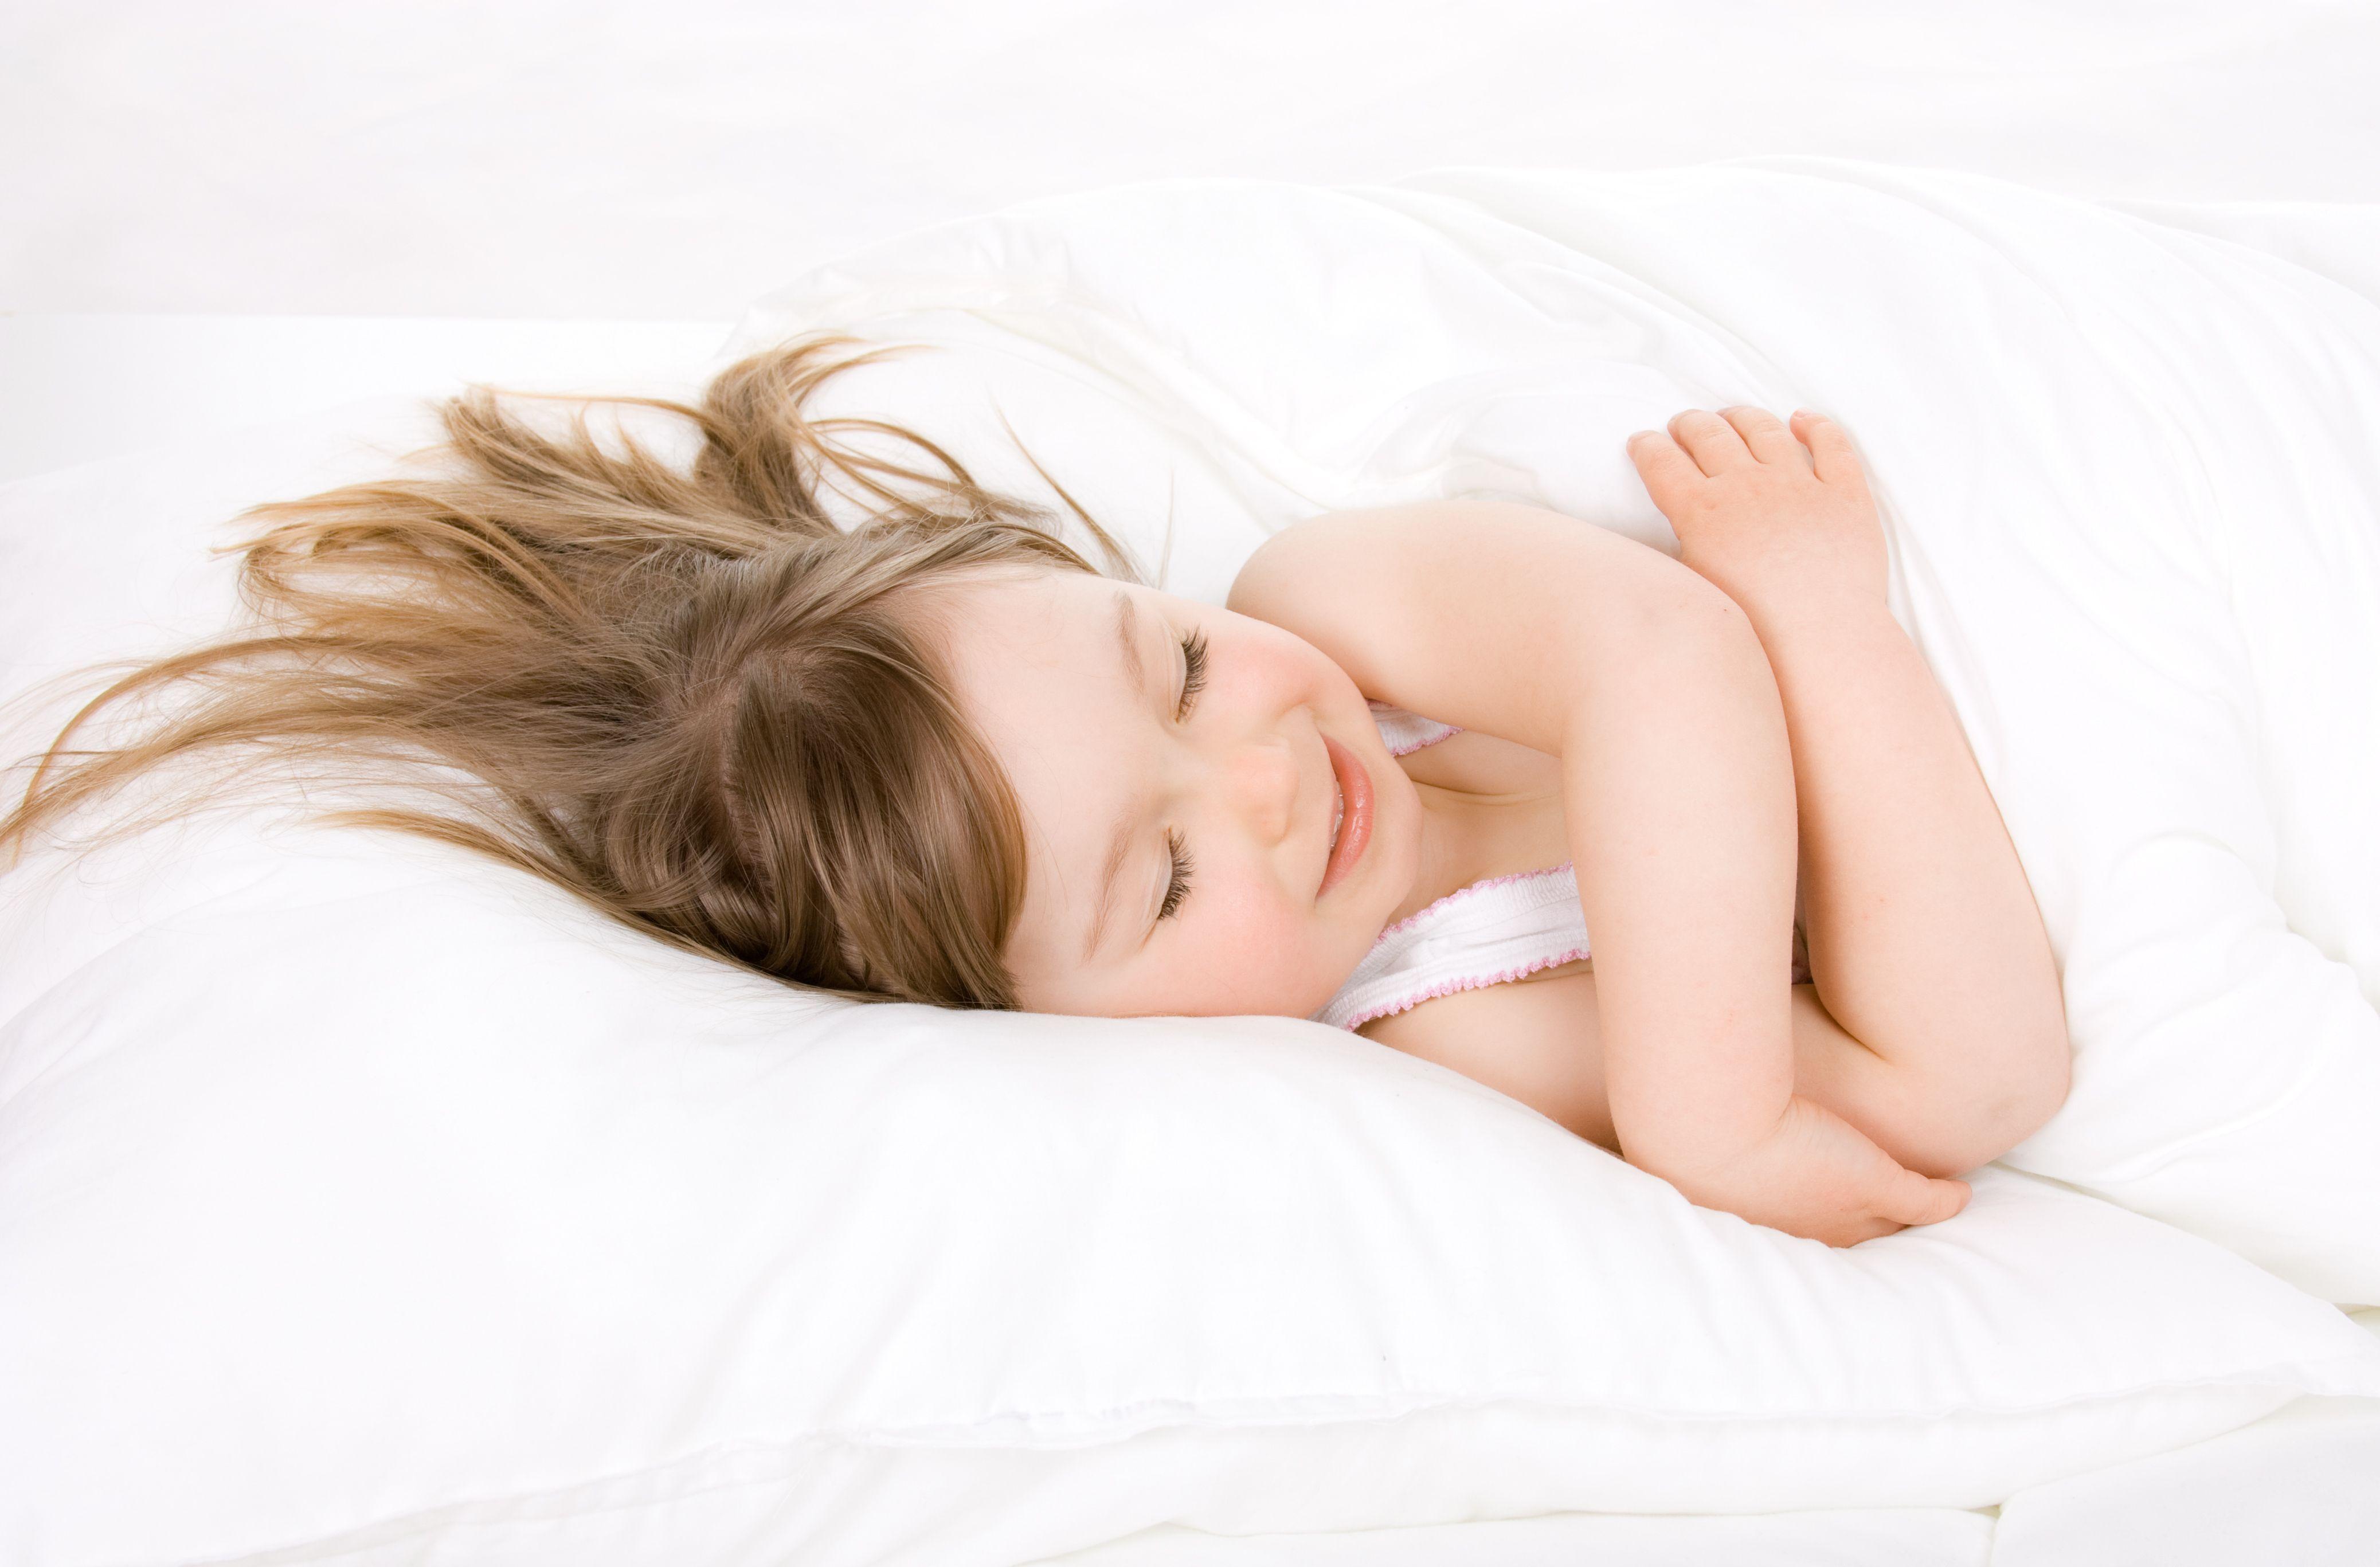 Фото девочки в постели 24 фотография